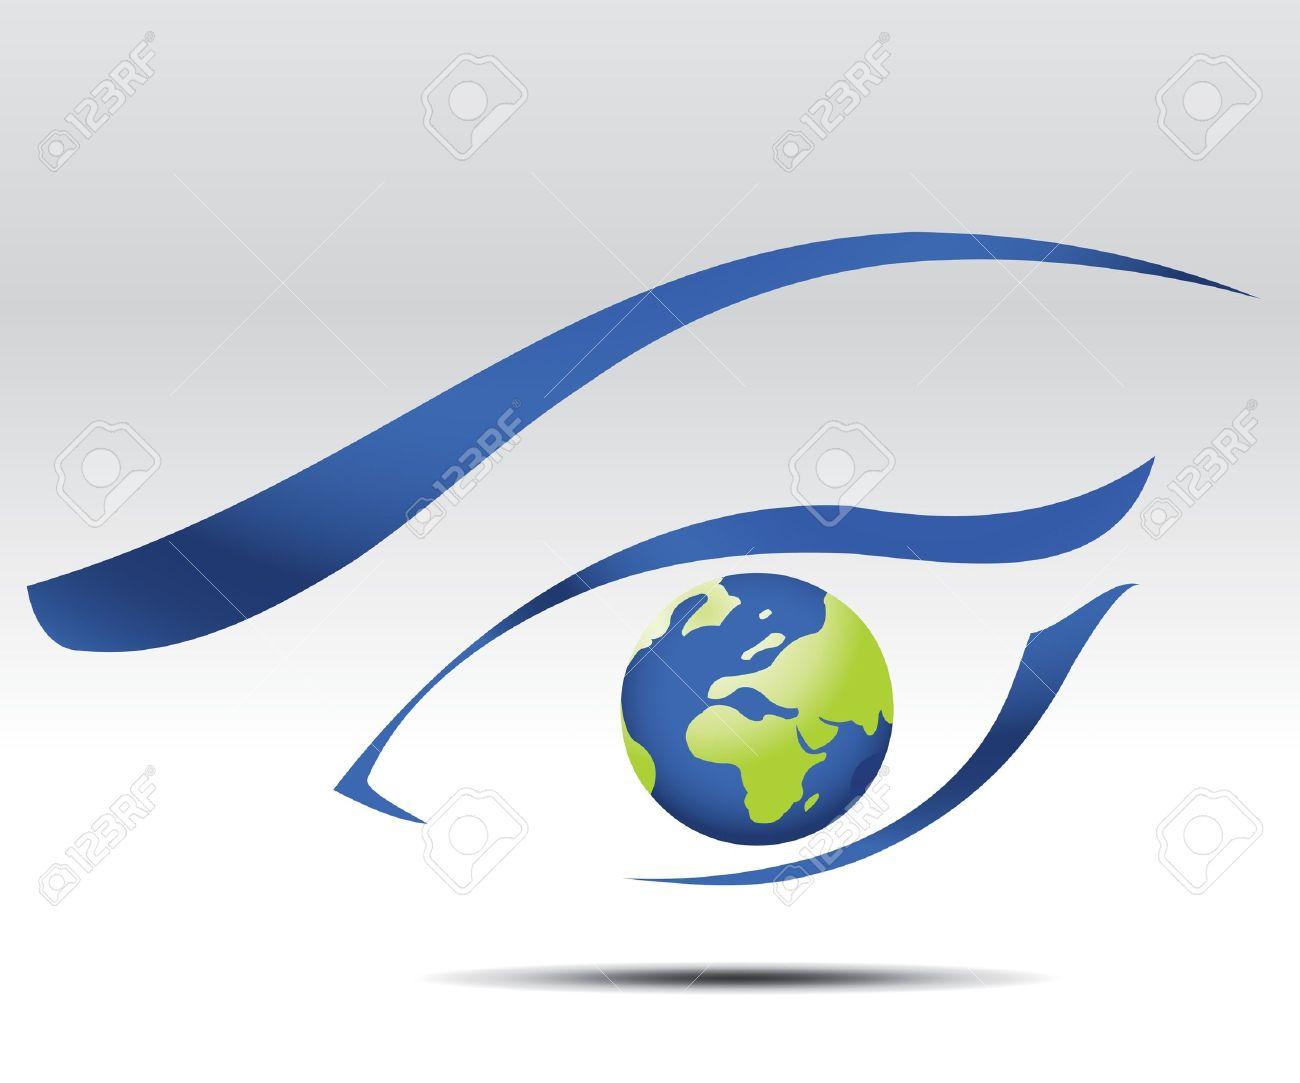 eye logo, future vision Stock Vector - 7866649